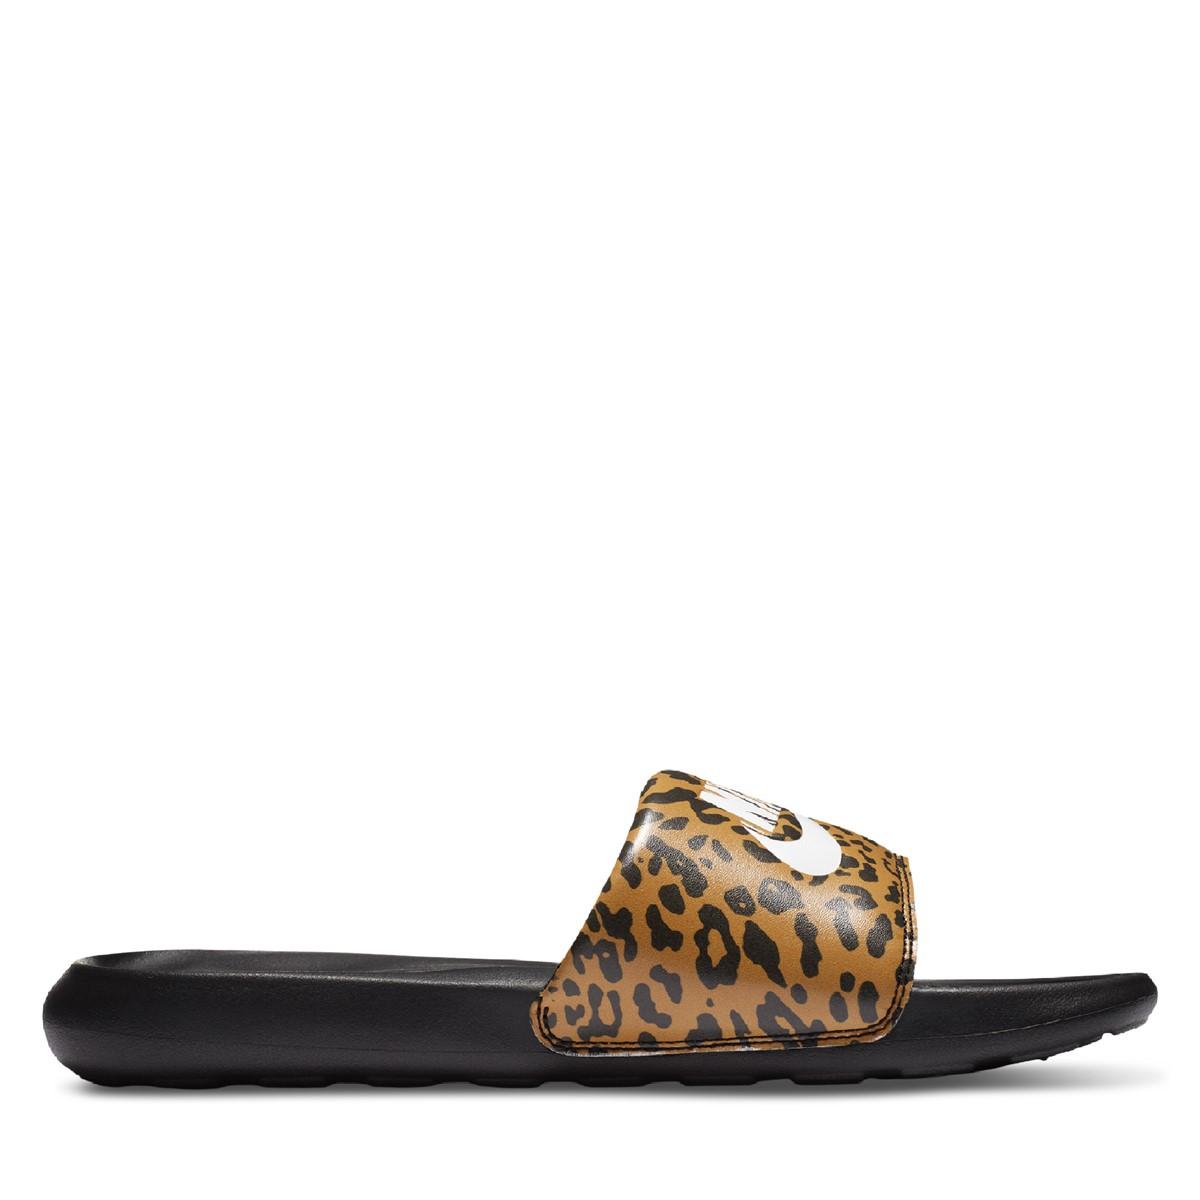 Women's Leopard Victori One Slides in Black